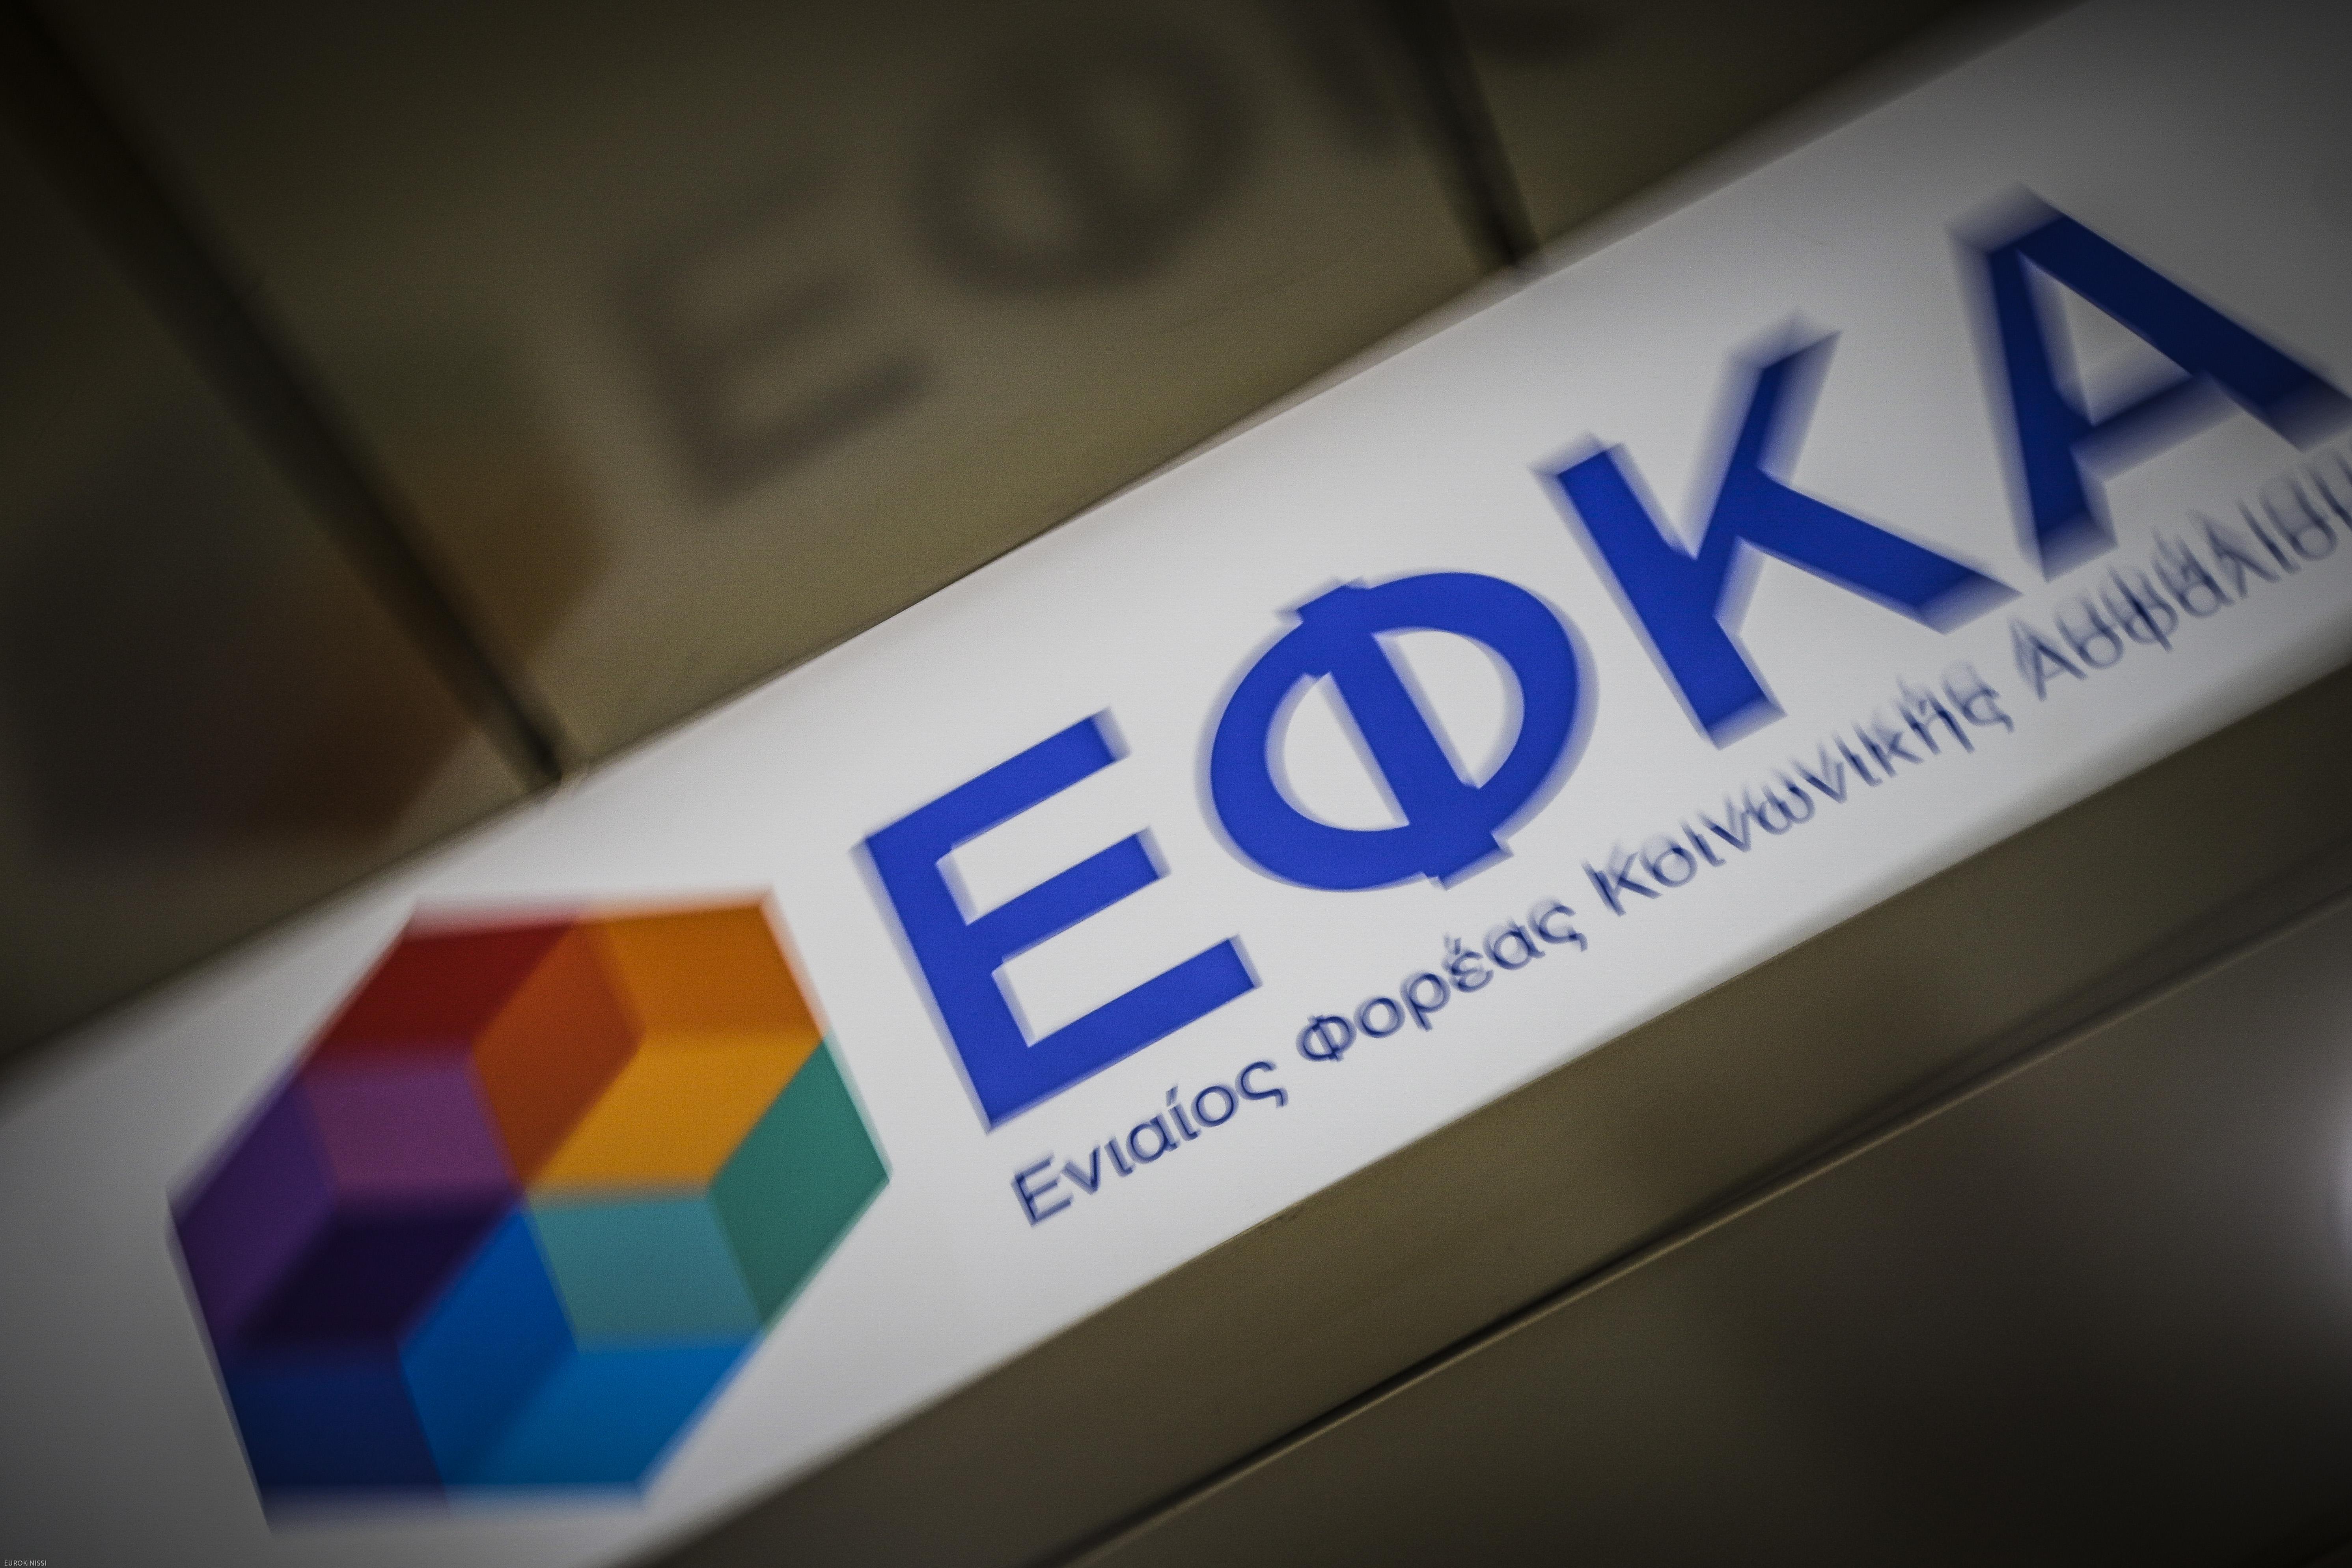 Υπέβαλε την παραίτησή του ο διοικητής του ΕΦΚΑ | tovima.gr